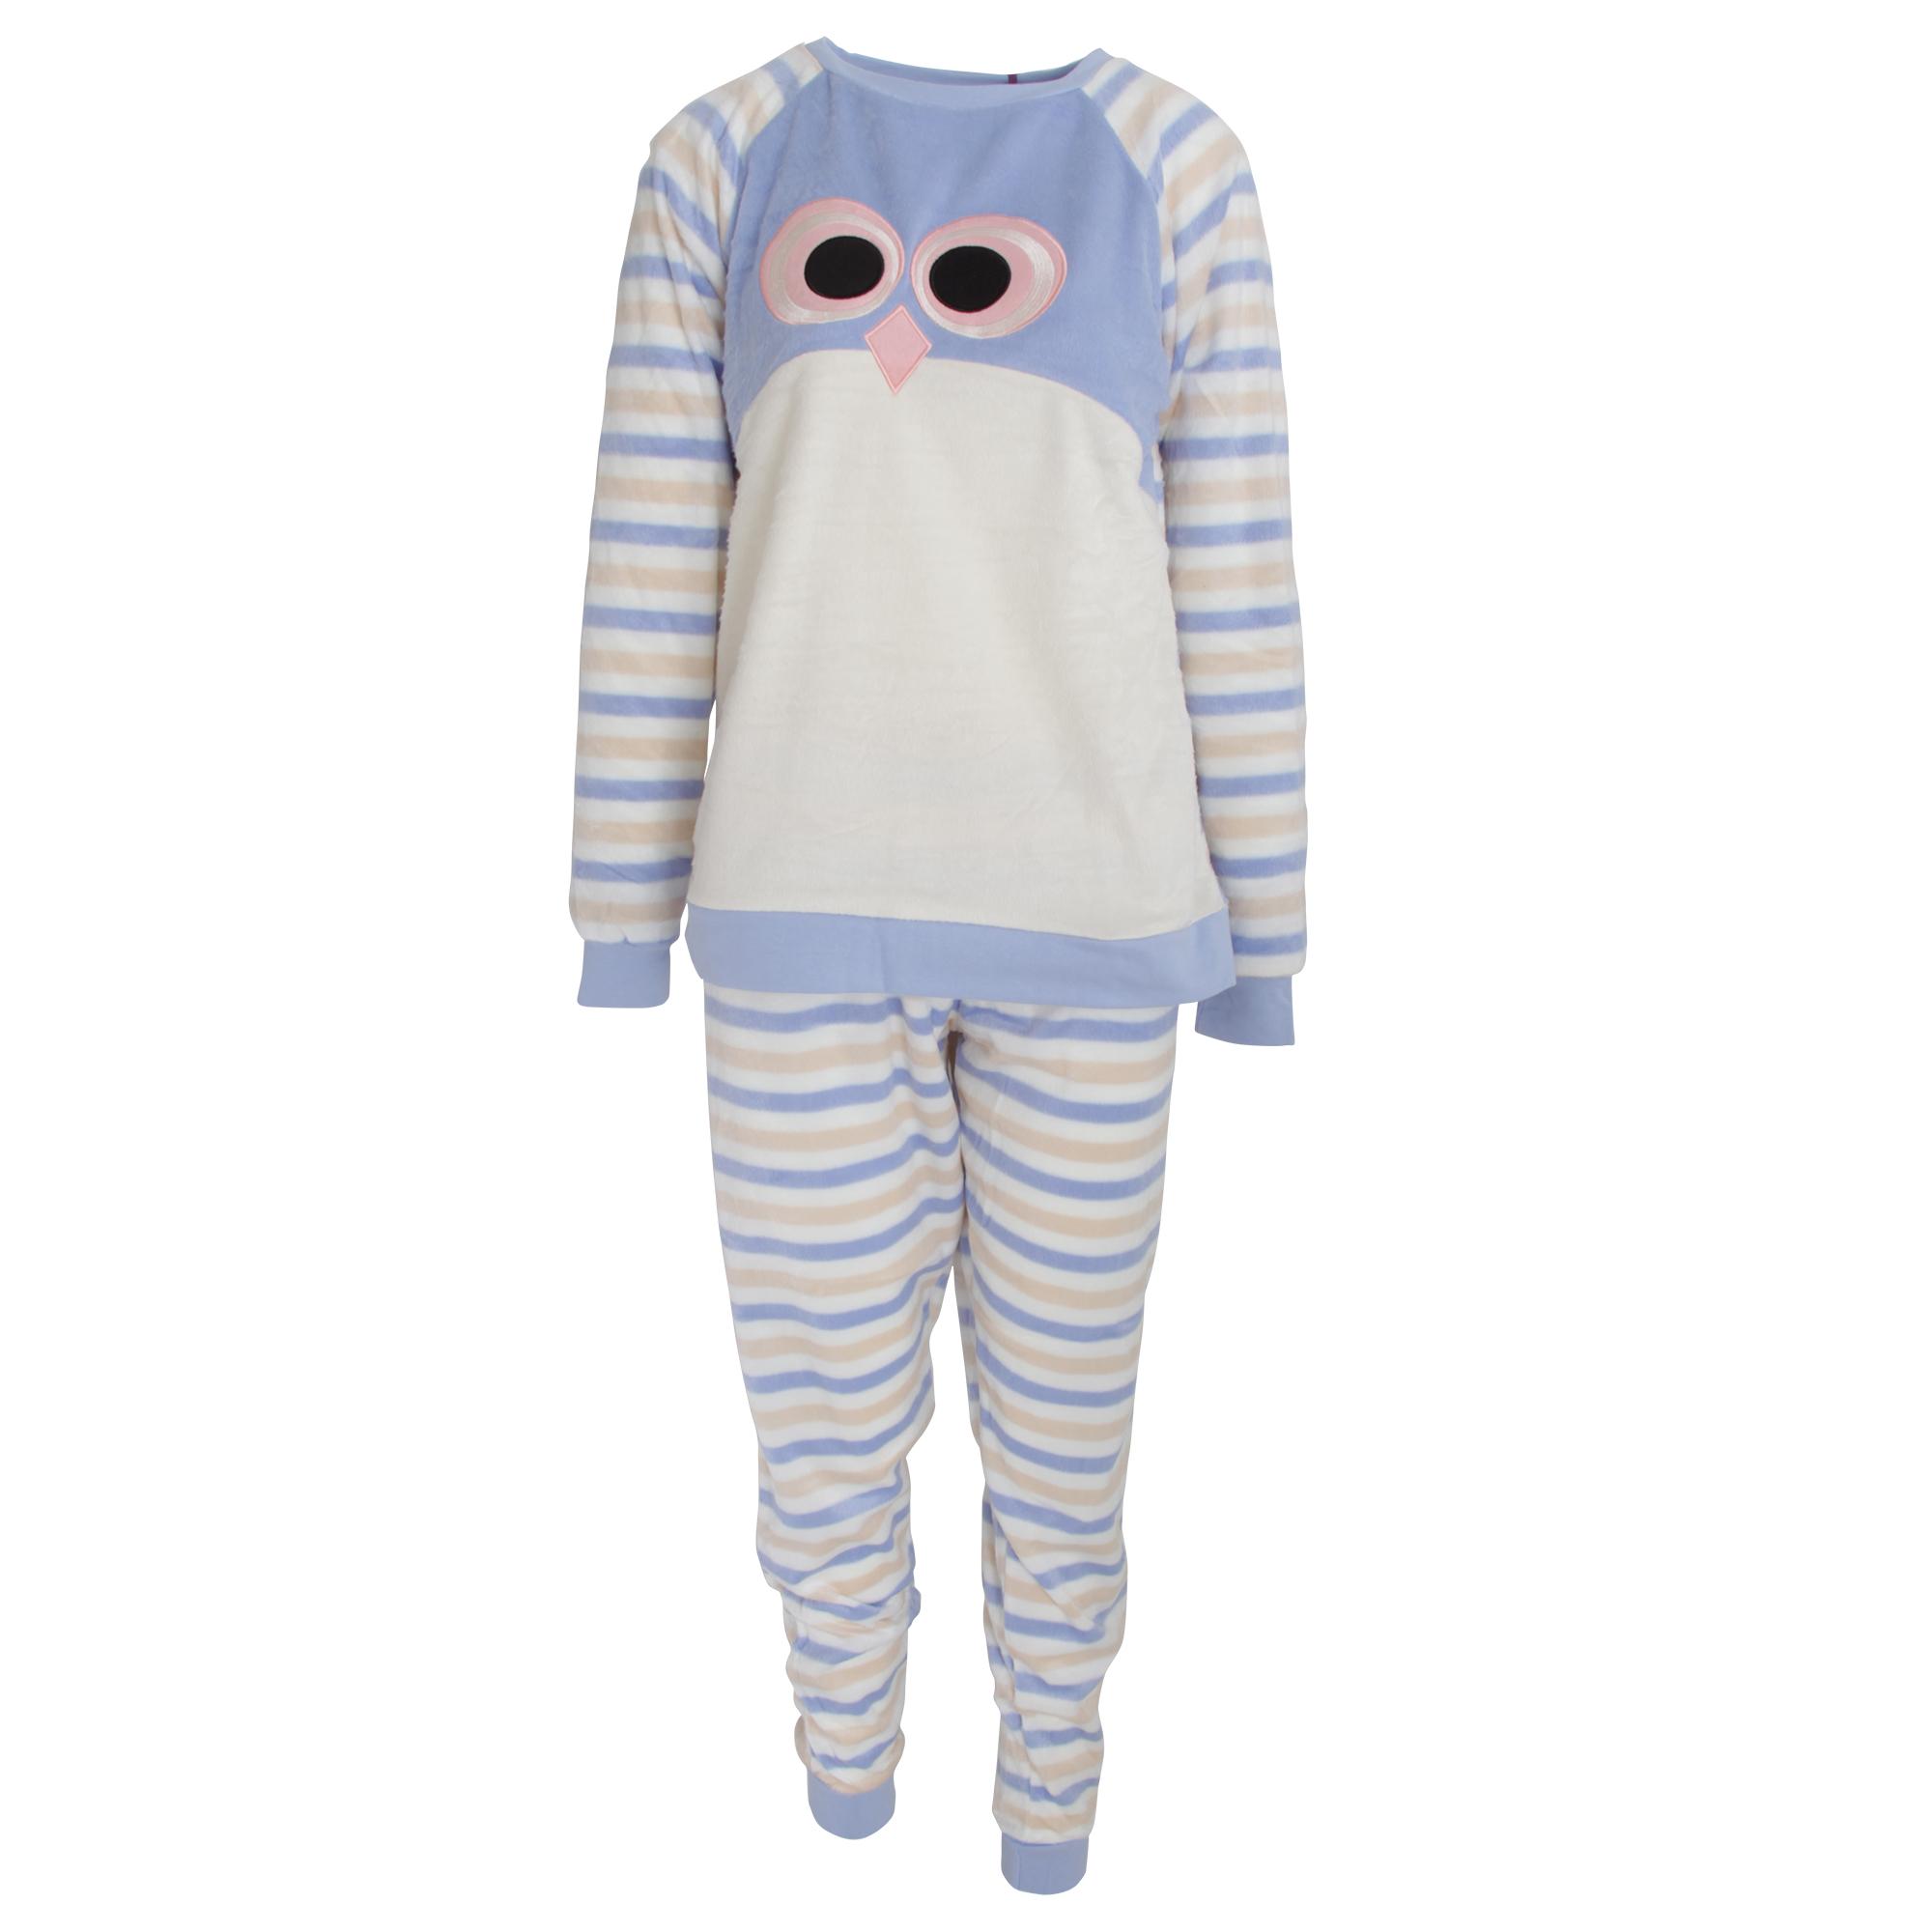 Foxbury-Pijama-con-diseno-animal-para-mujer-N1116